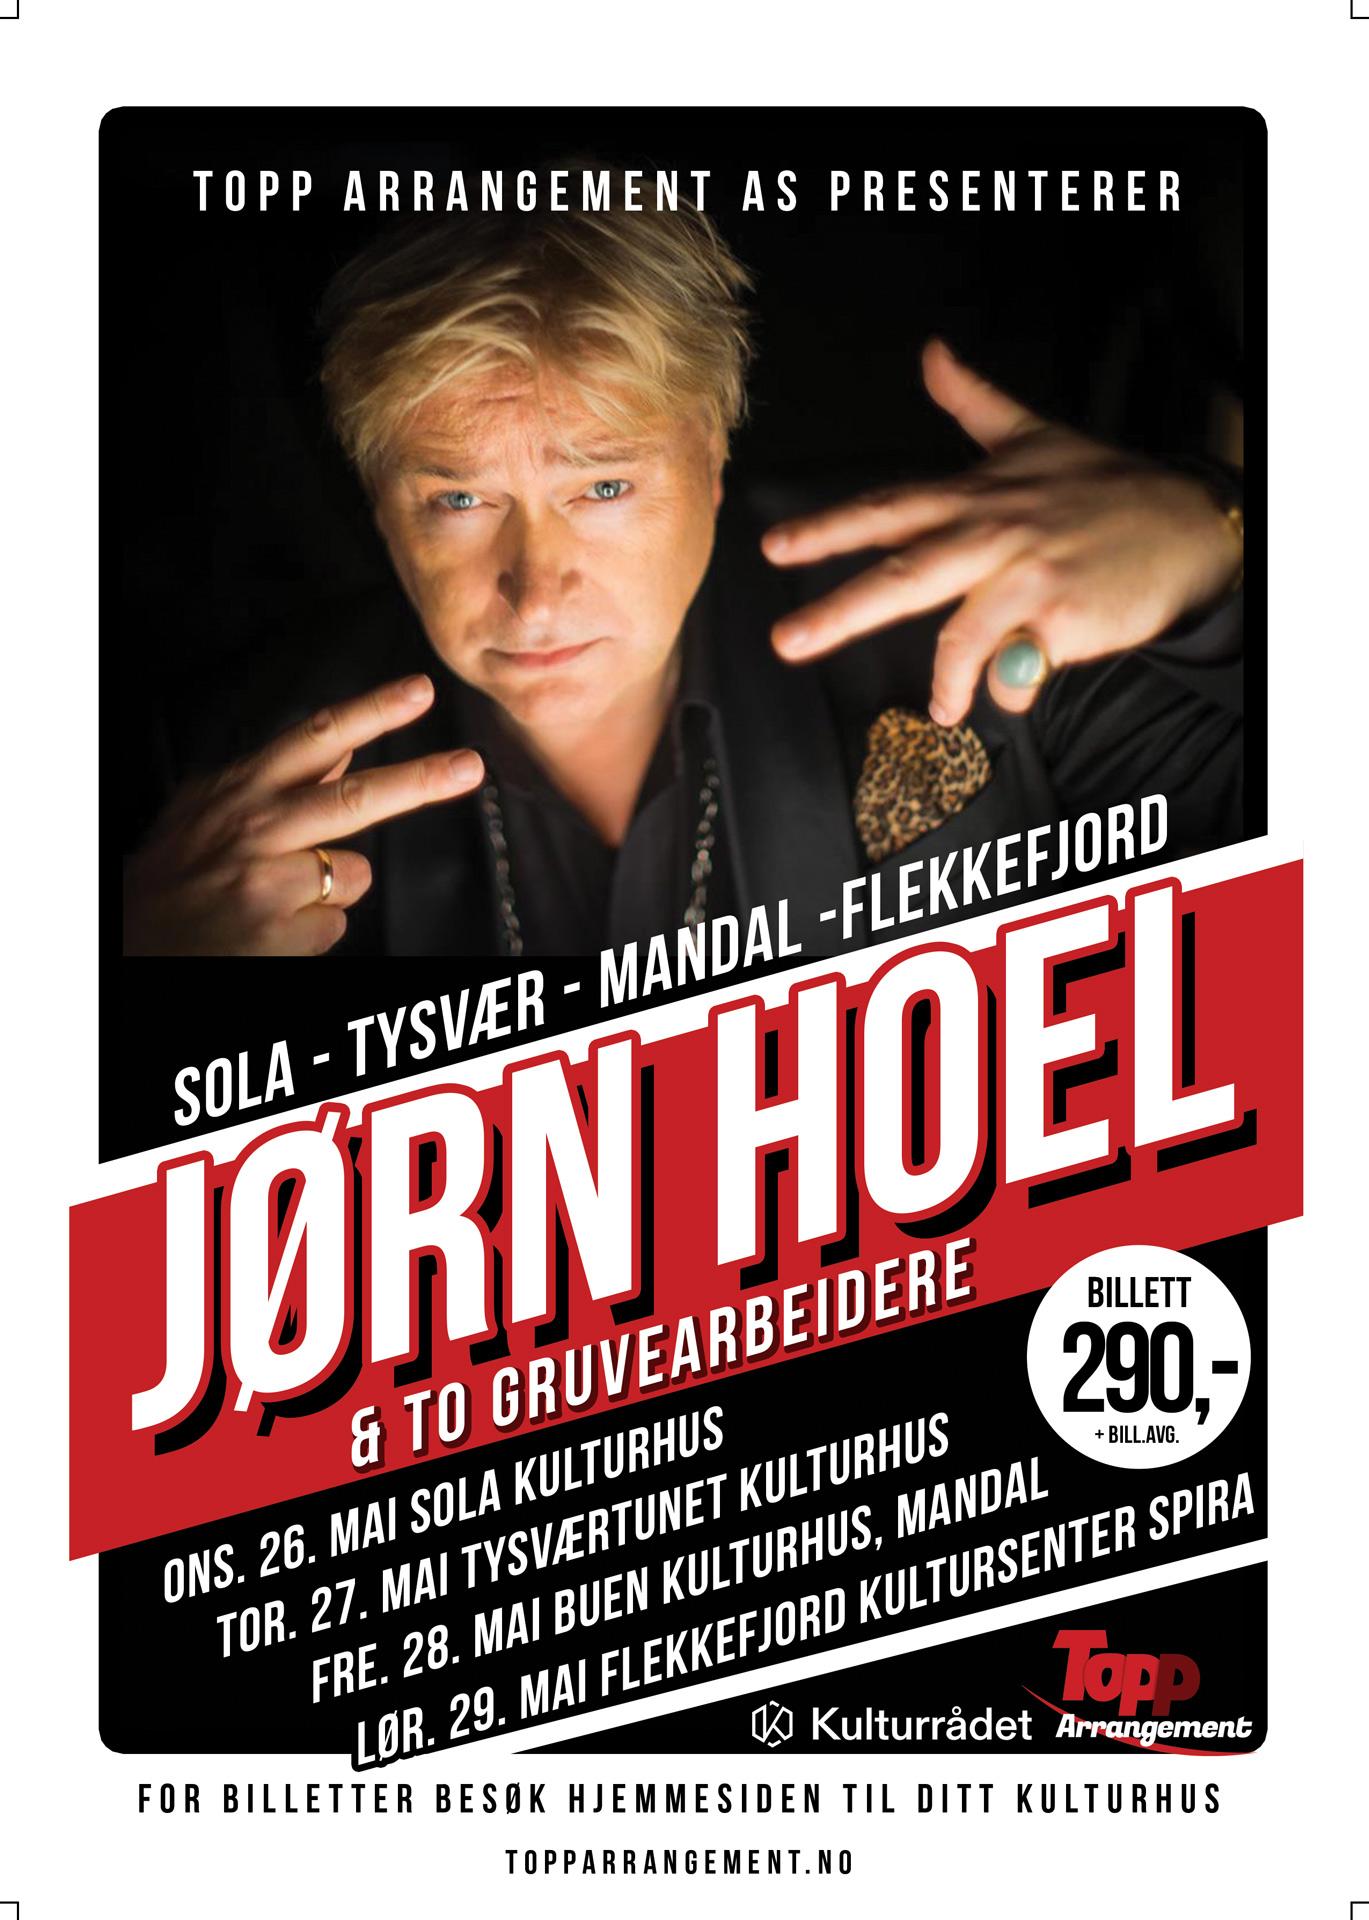 Jørn-Hoel-facebook-Poster